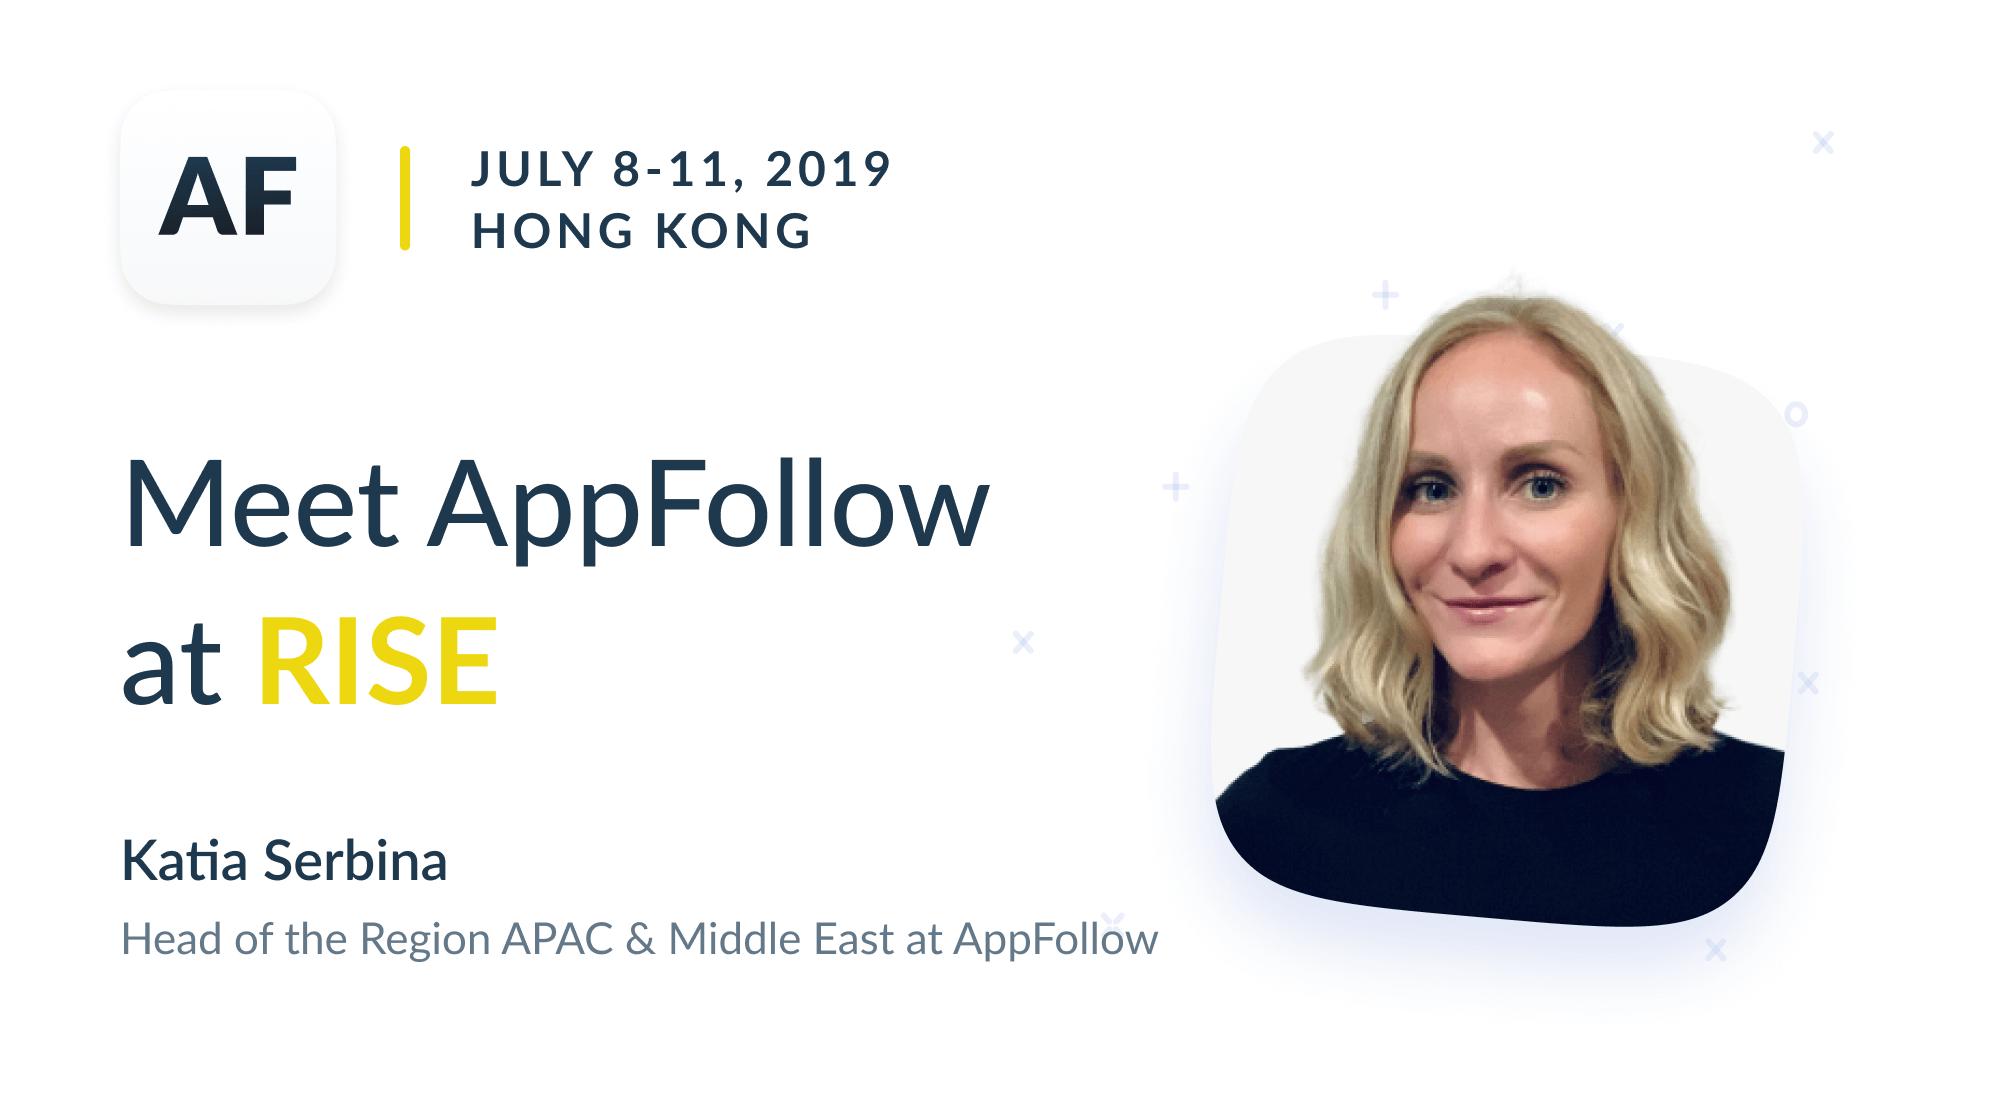 Meet AppFollow at RISE in Hong Kong